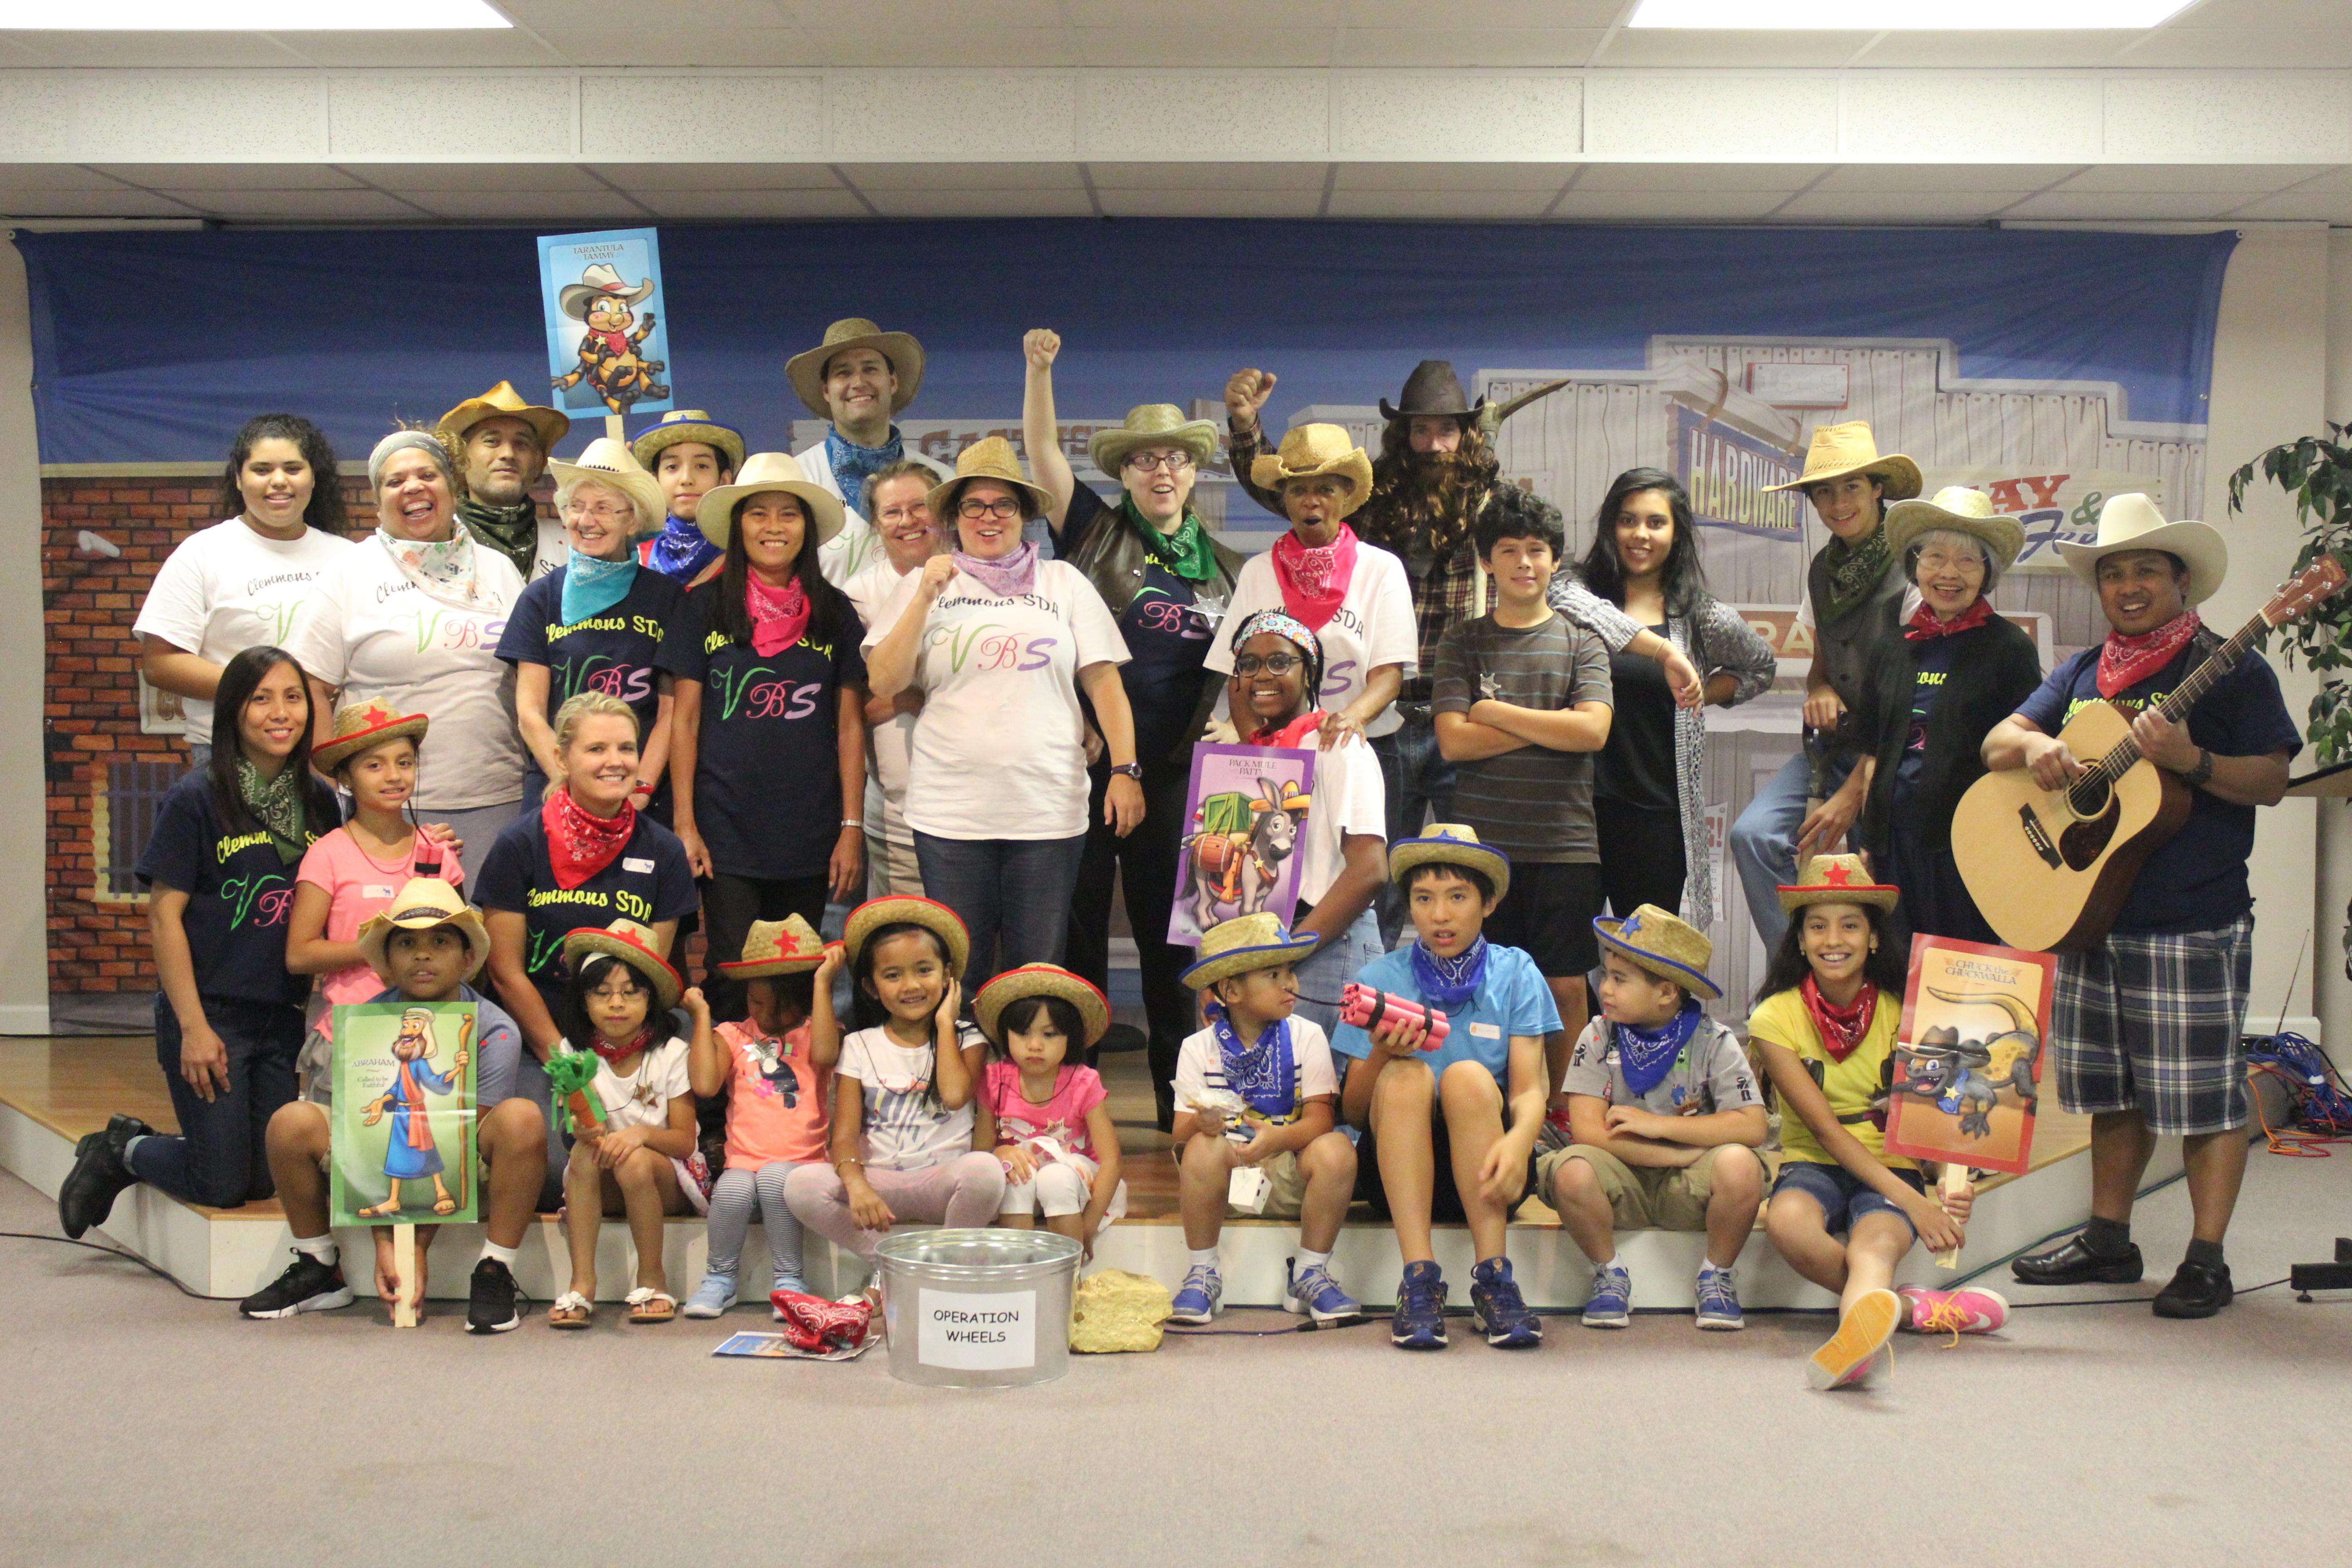 VBS staff & kids